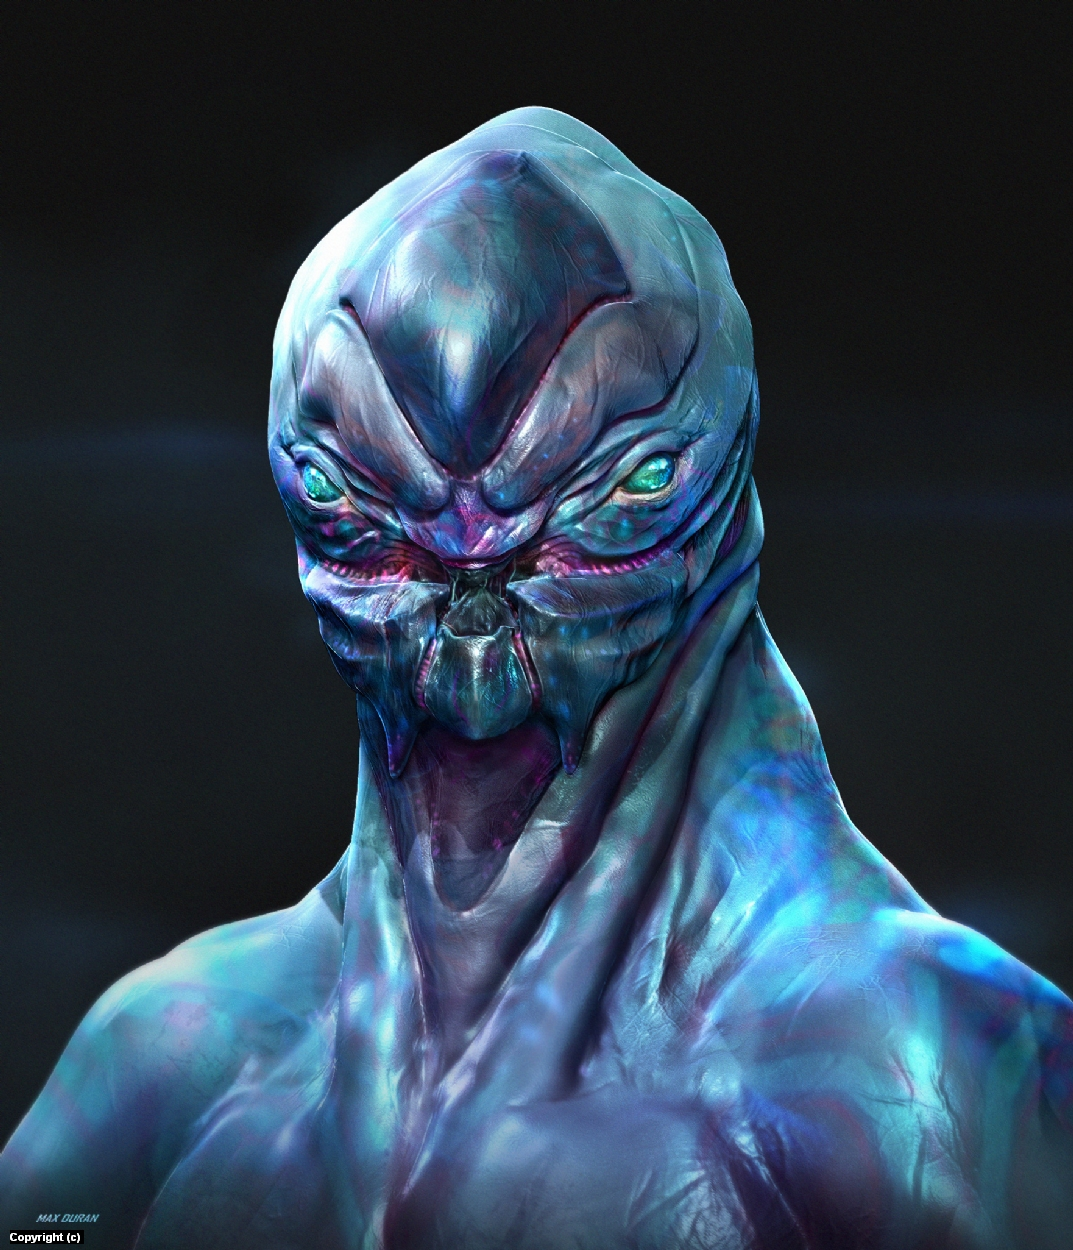 Alien Warrior Artwork by Max Duran